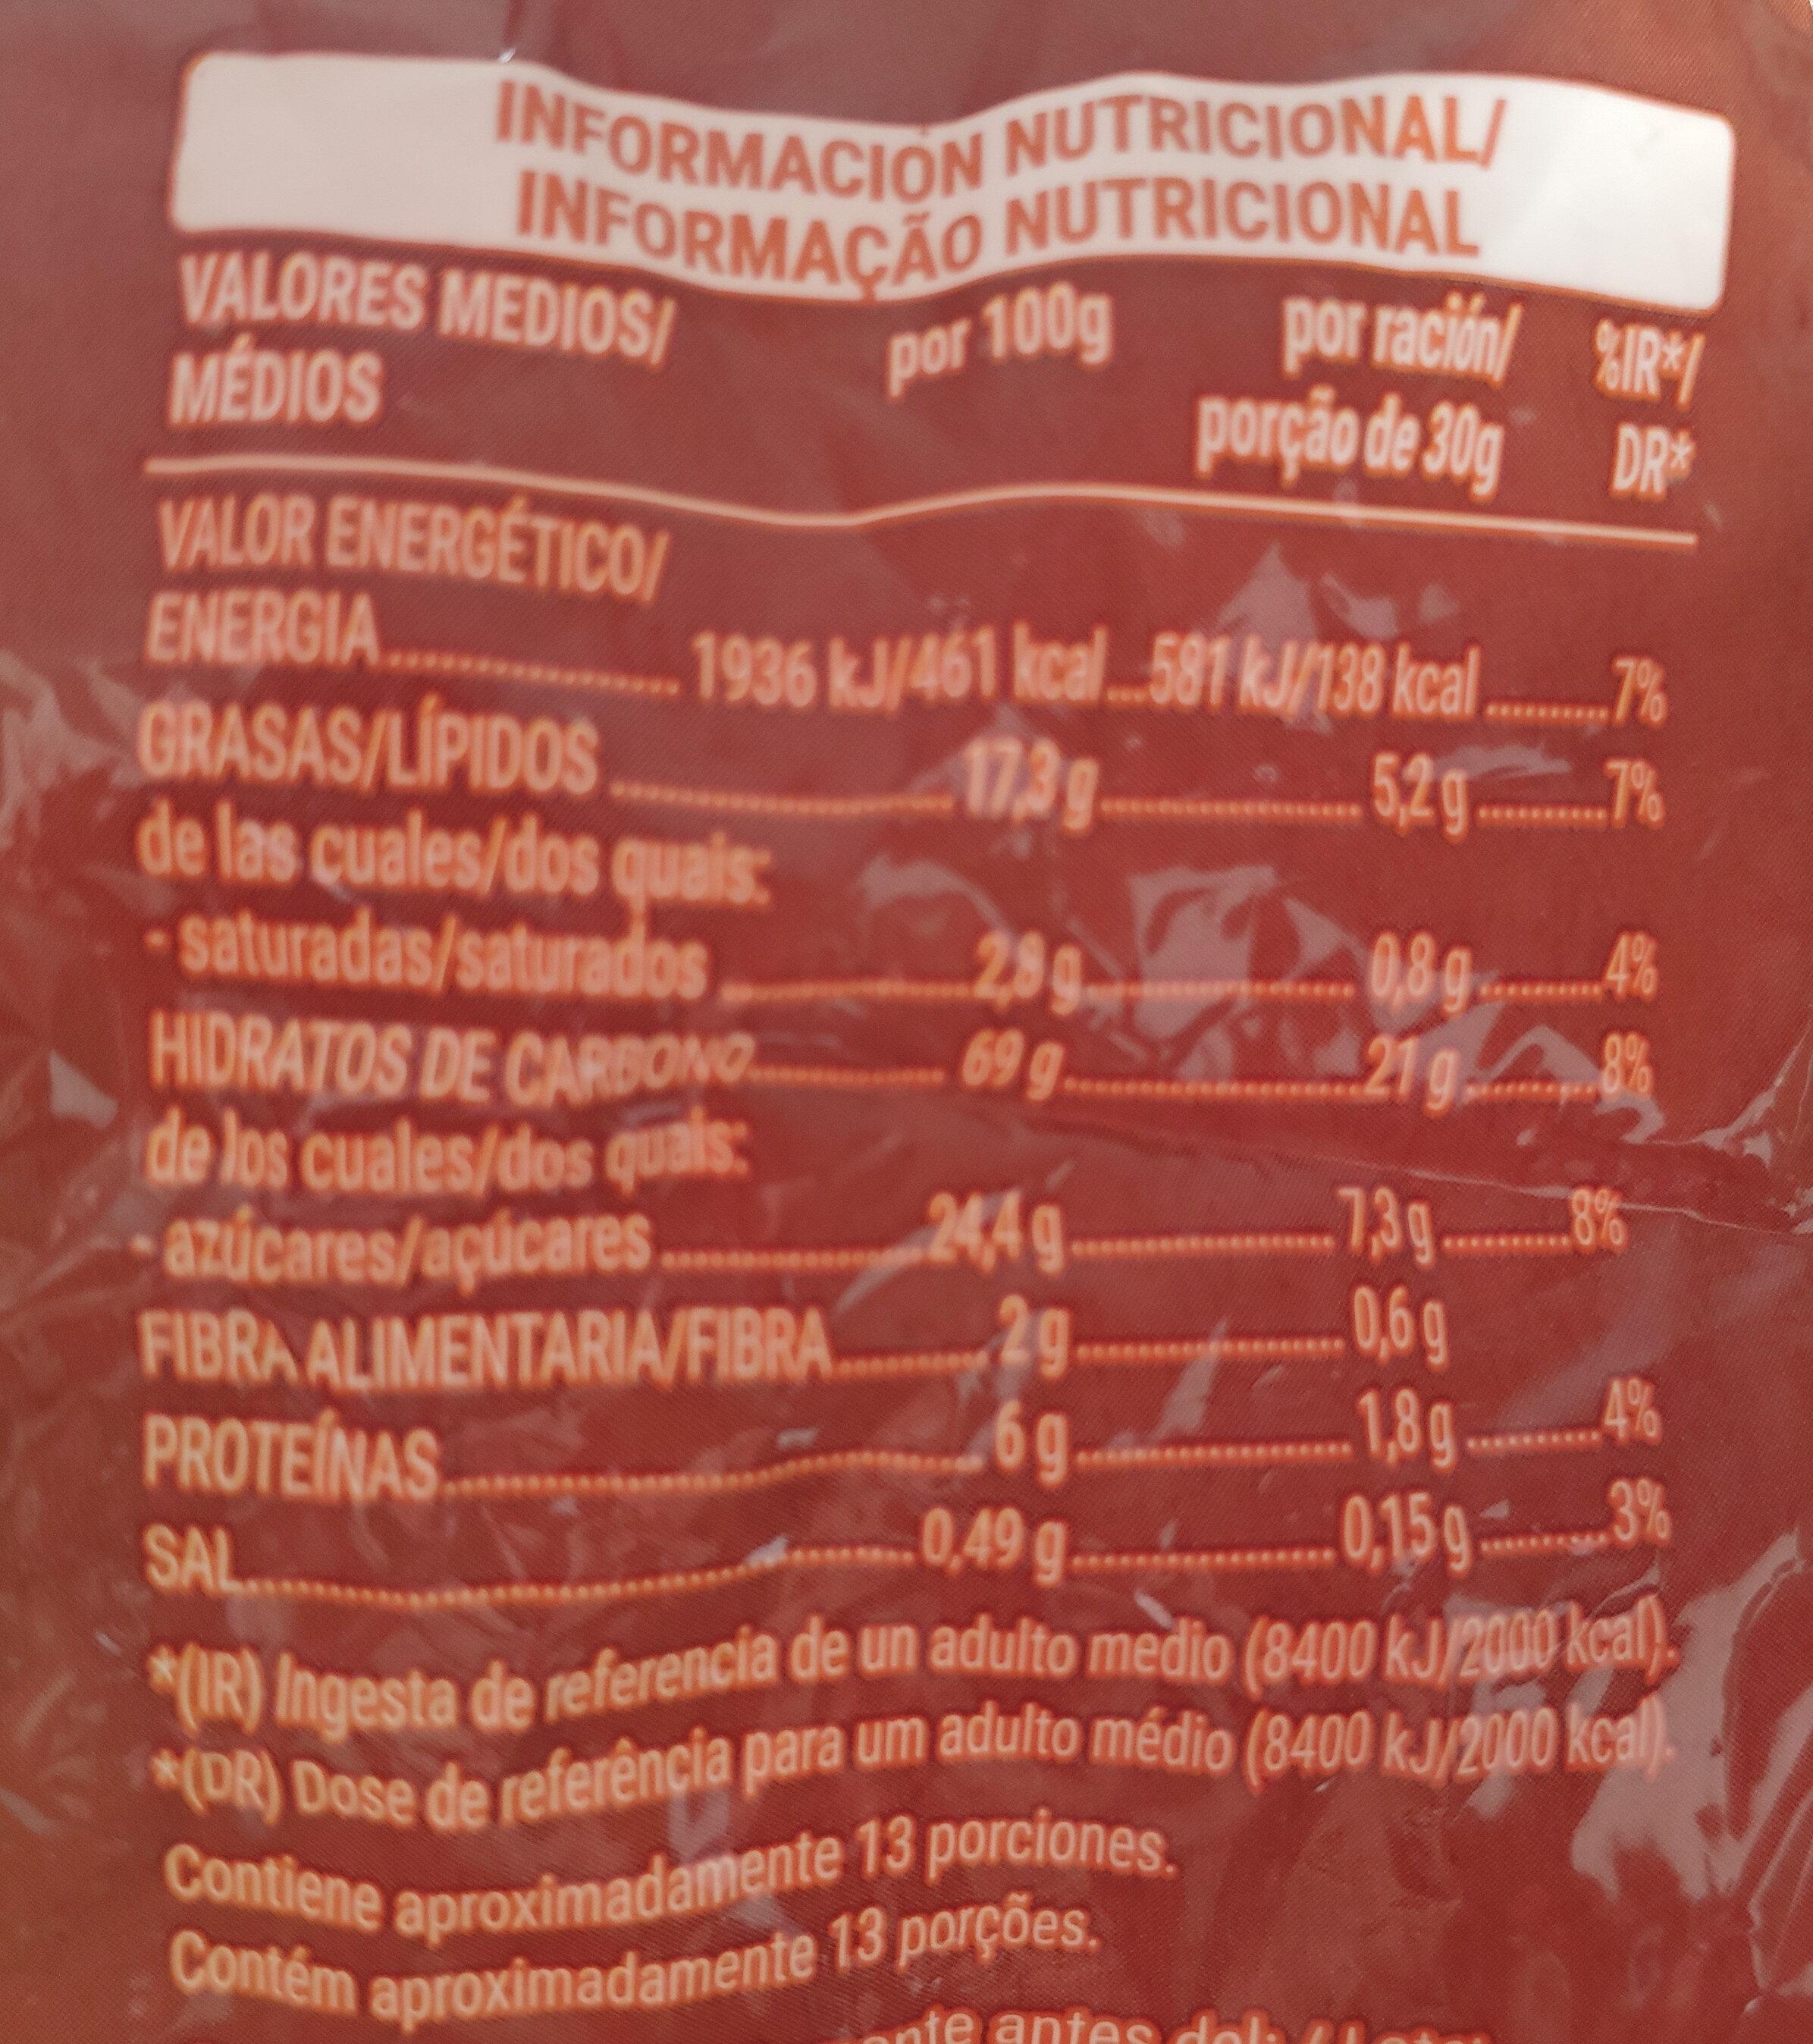 Cereales rellenos de crema de cacao y avellana - Informations nutritionnelles - es